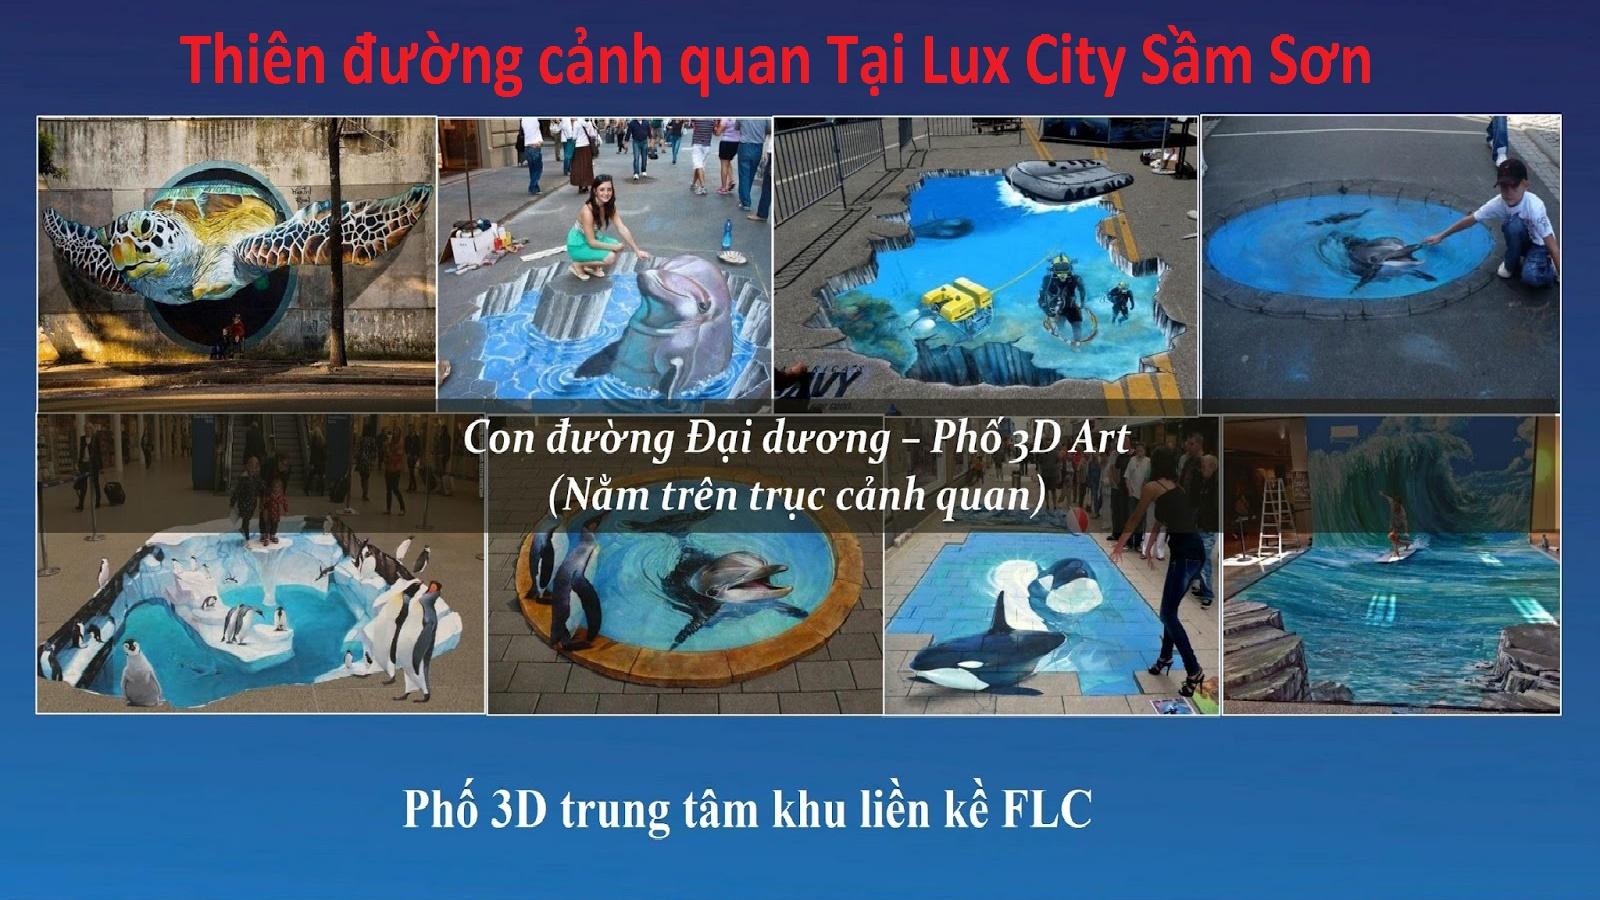 con đường 3D nghệ thuật tại khu phố lux city